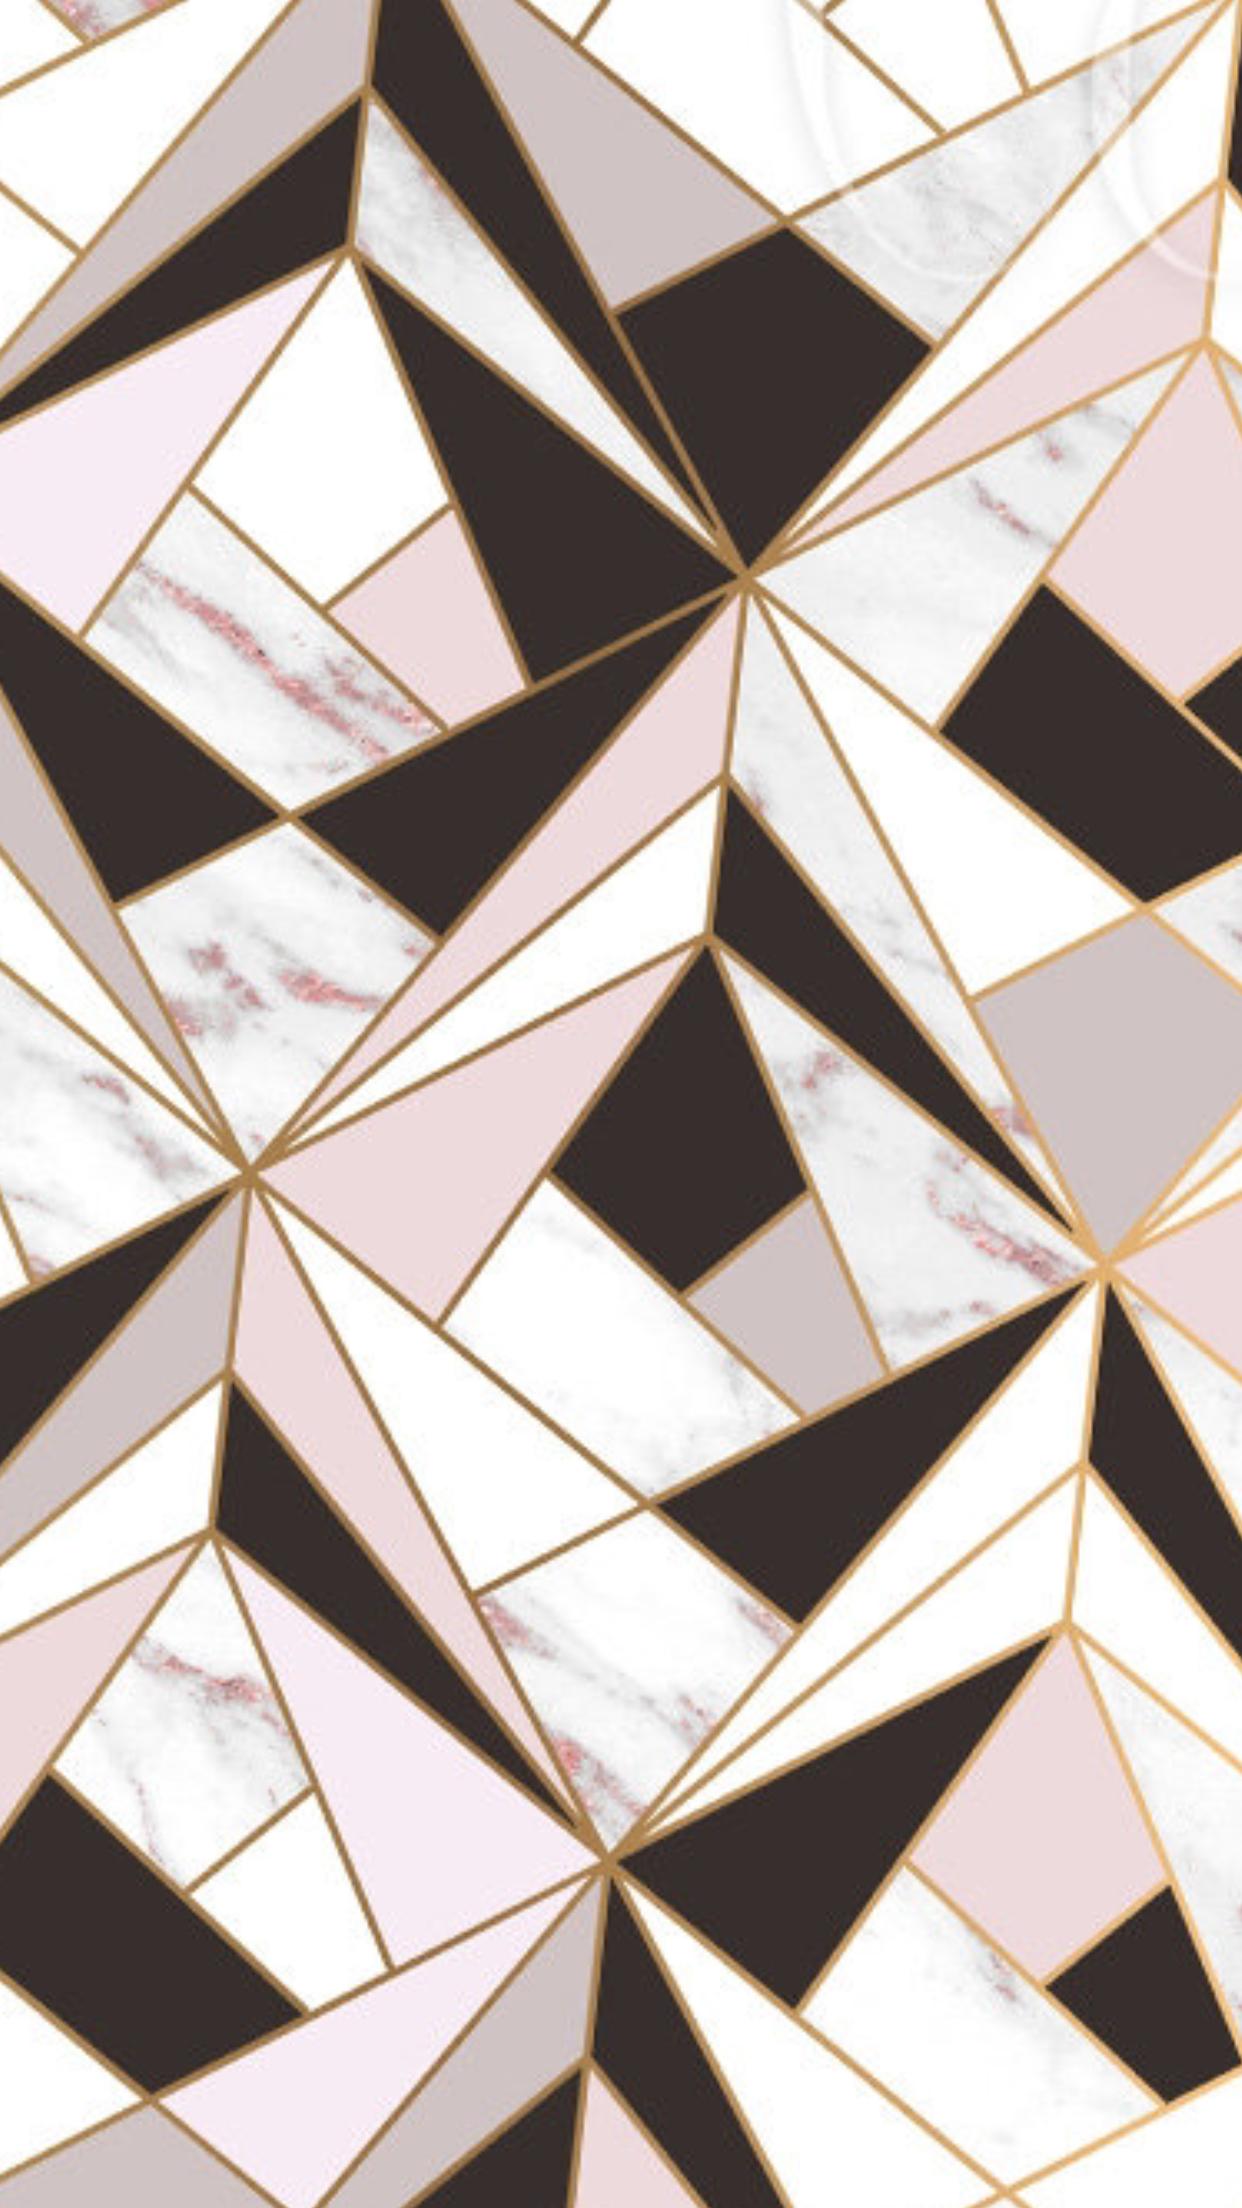 Informationen Zu Notitle Pin Sie Konnen Mein Profil Ganz Einfach Verwenden Um Verschiedene Pattern Wallpaper Textured Wallpaper Iphone Wallpaper